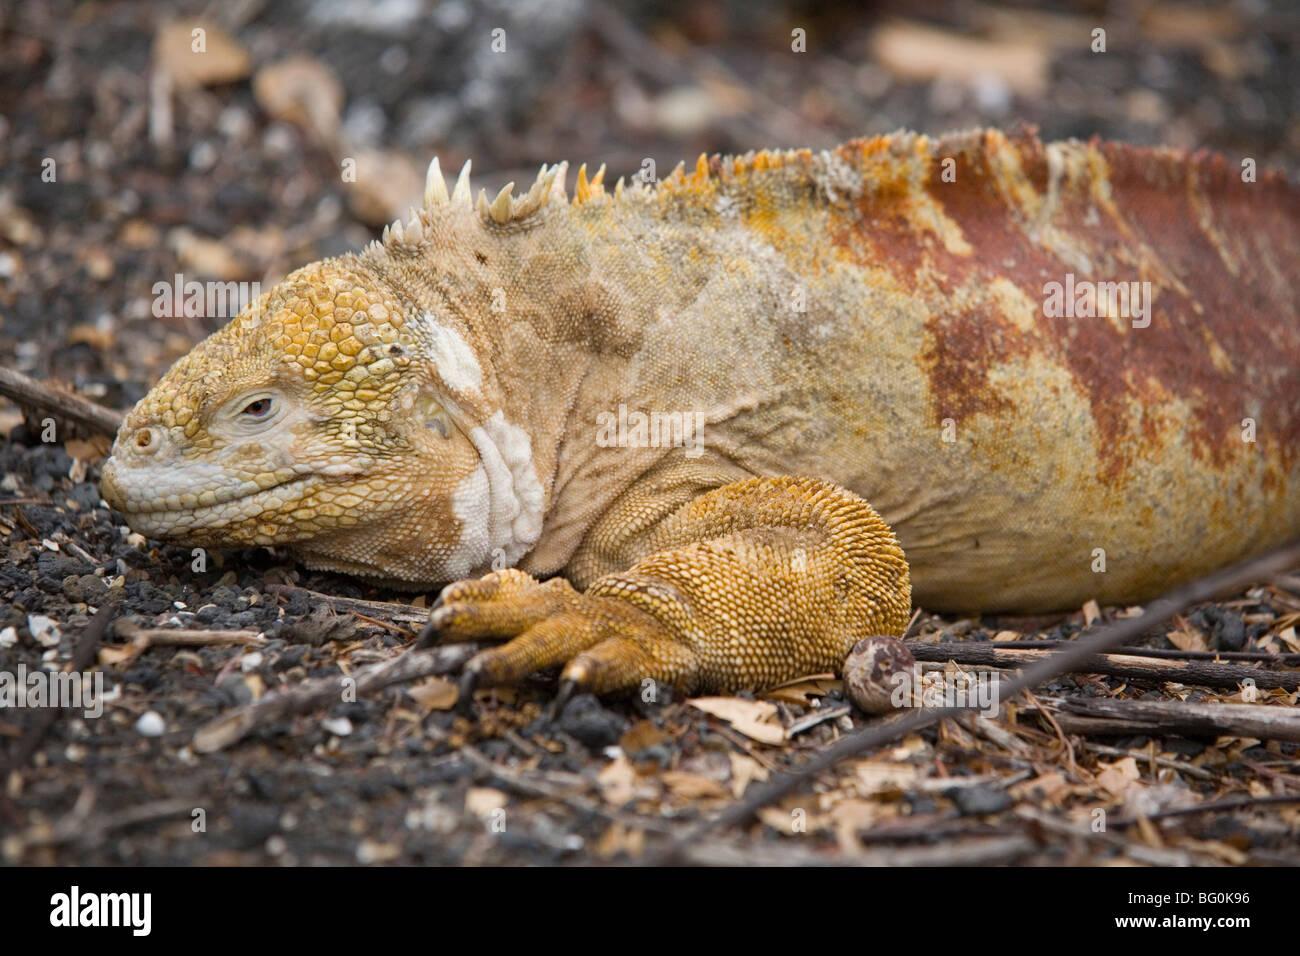 Land iguana, Isabela Island, Galapagos, Ecuador, South America - Stock Image